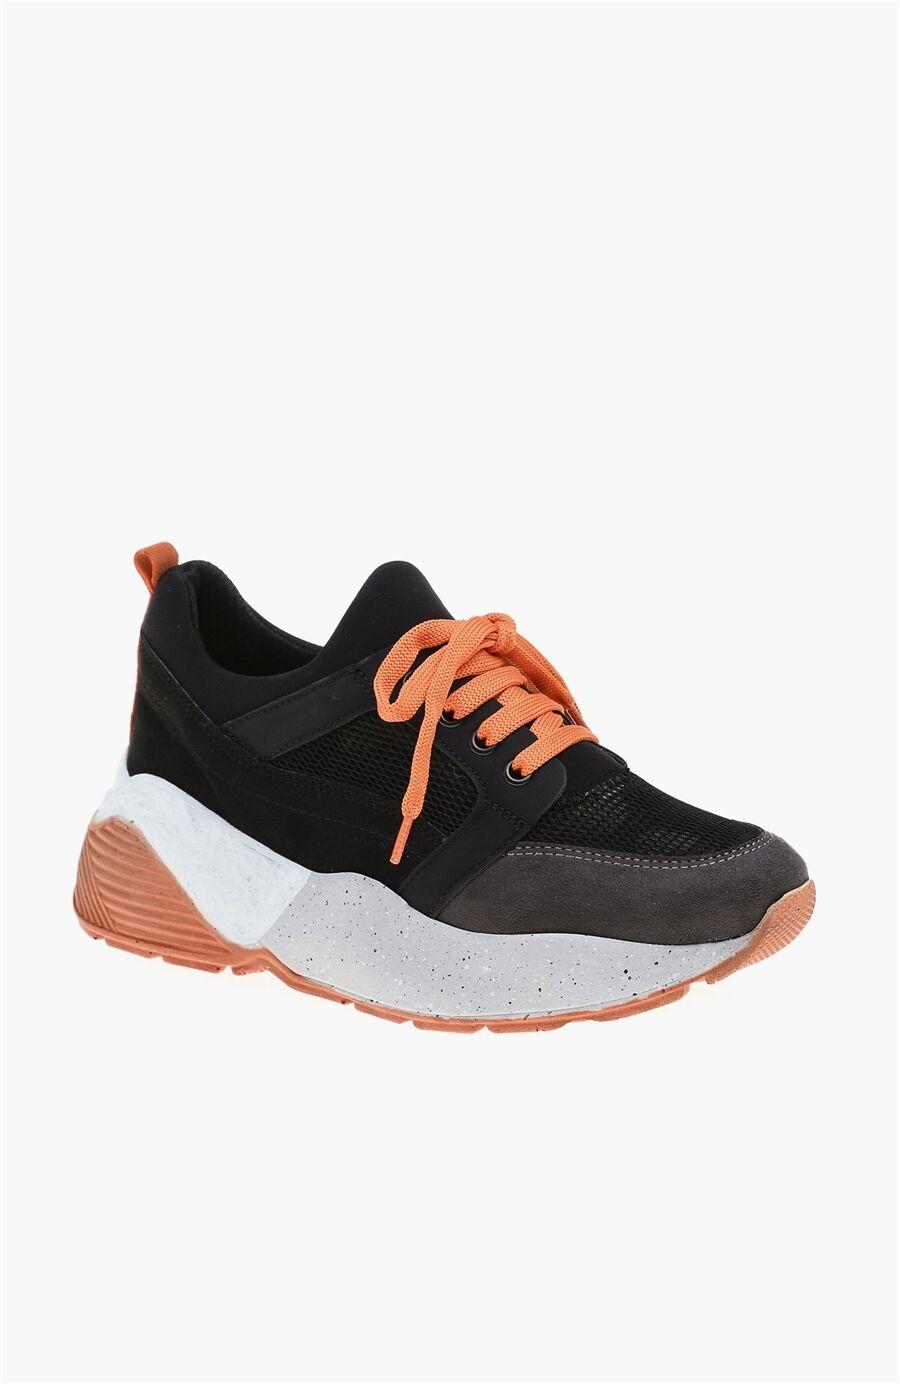 Gıro Siyah Sneaker – 165.0 TL